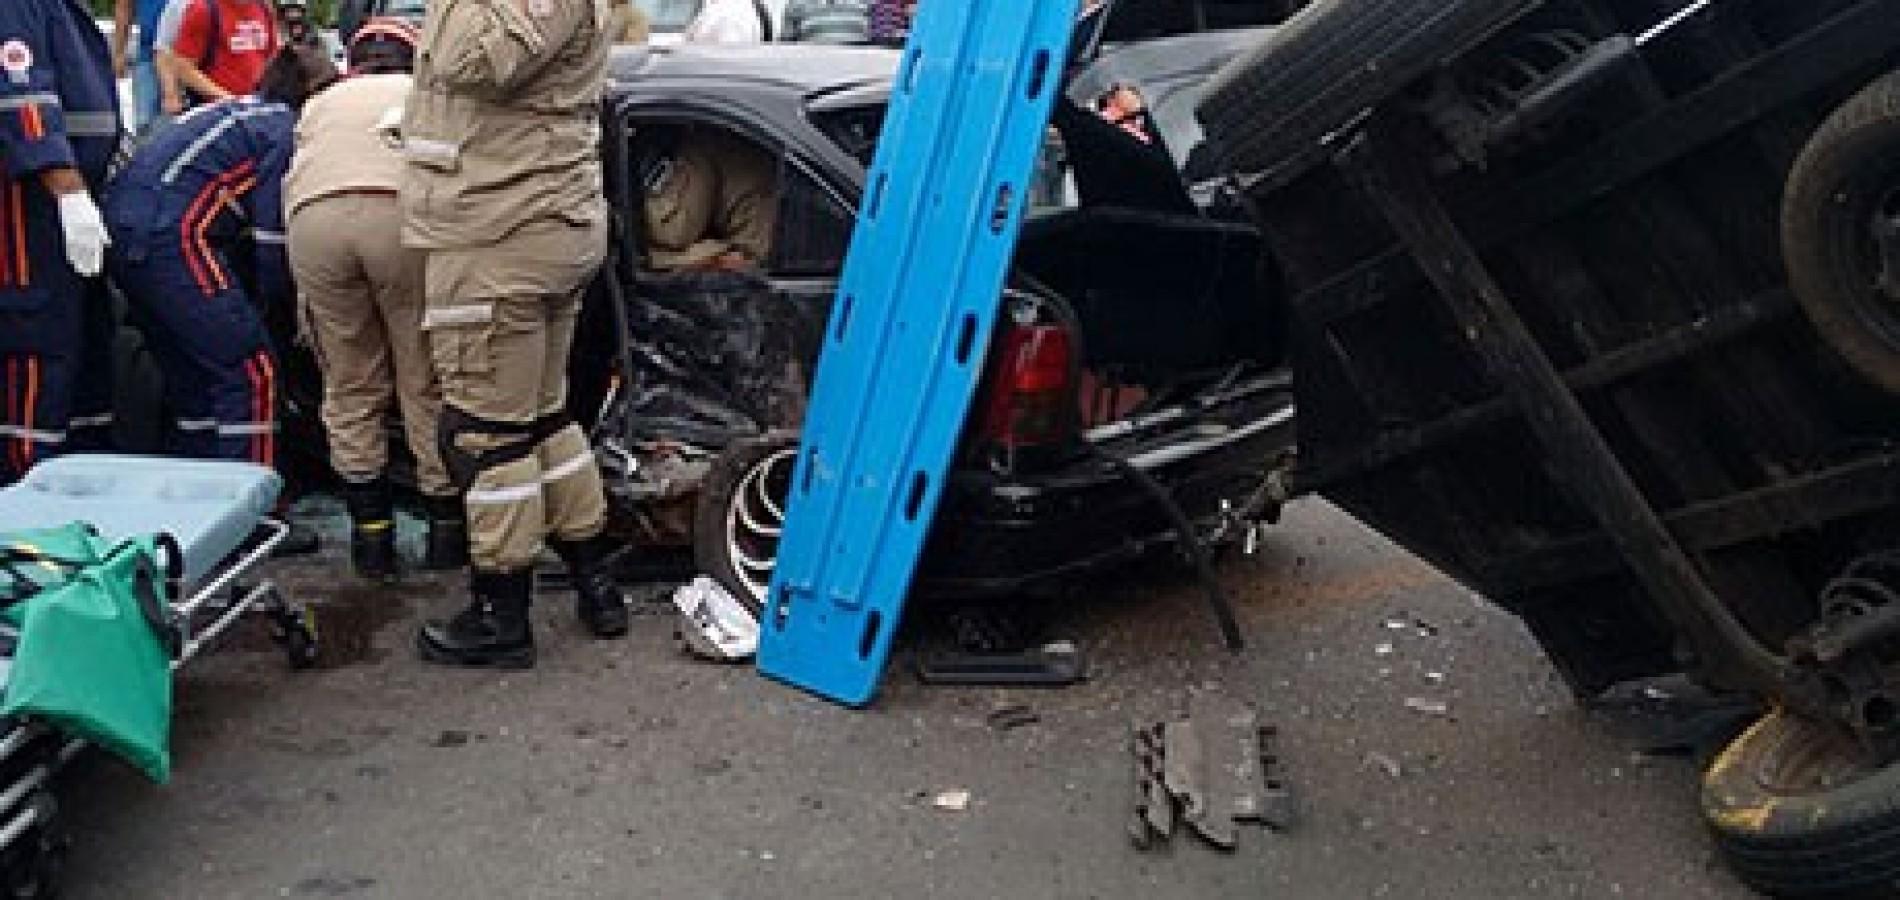 Bandidos provocam acidente e casal fica preso às ferragensBandidos ... d3203a64808c0